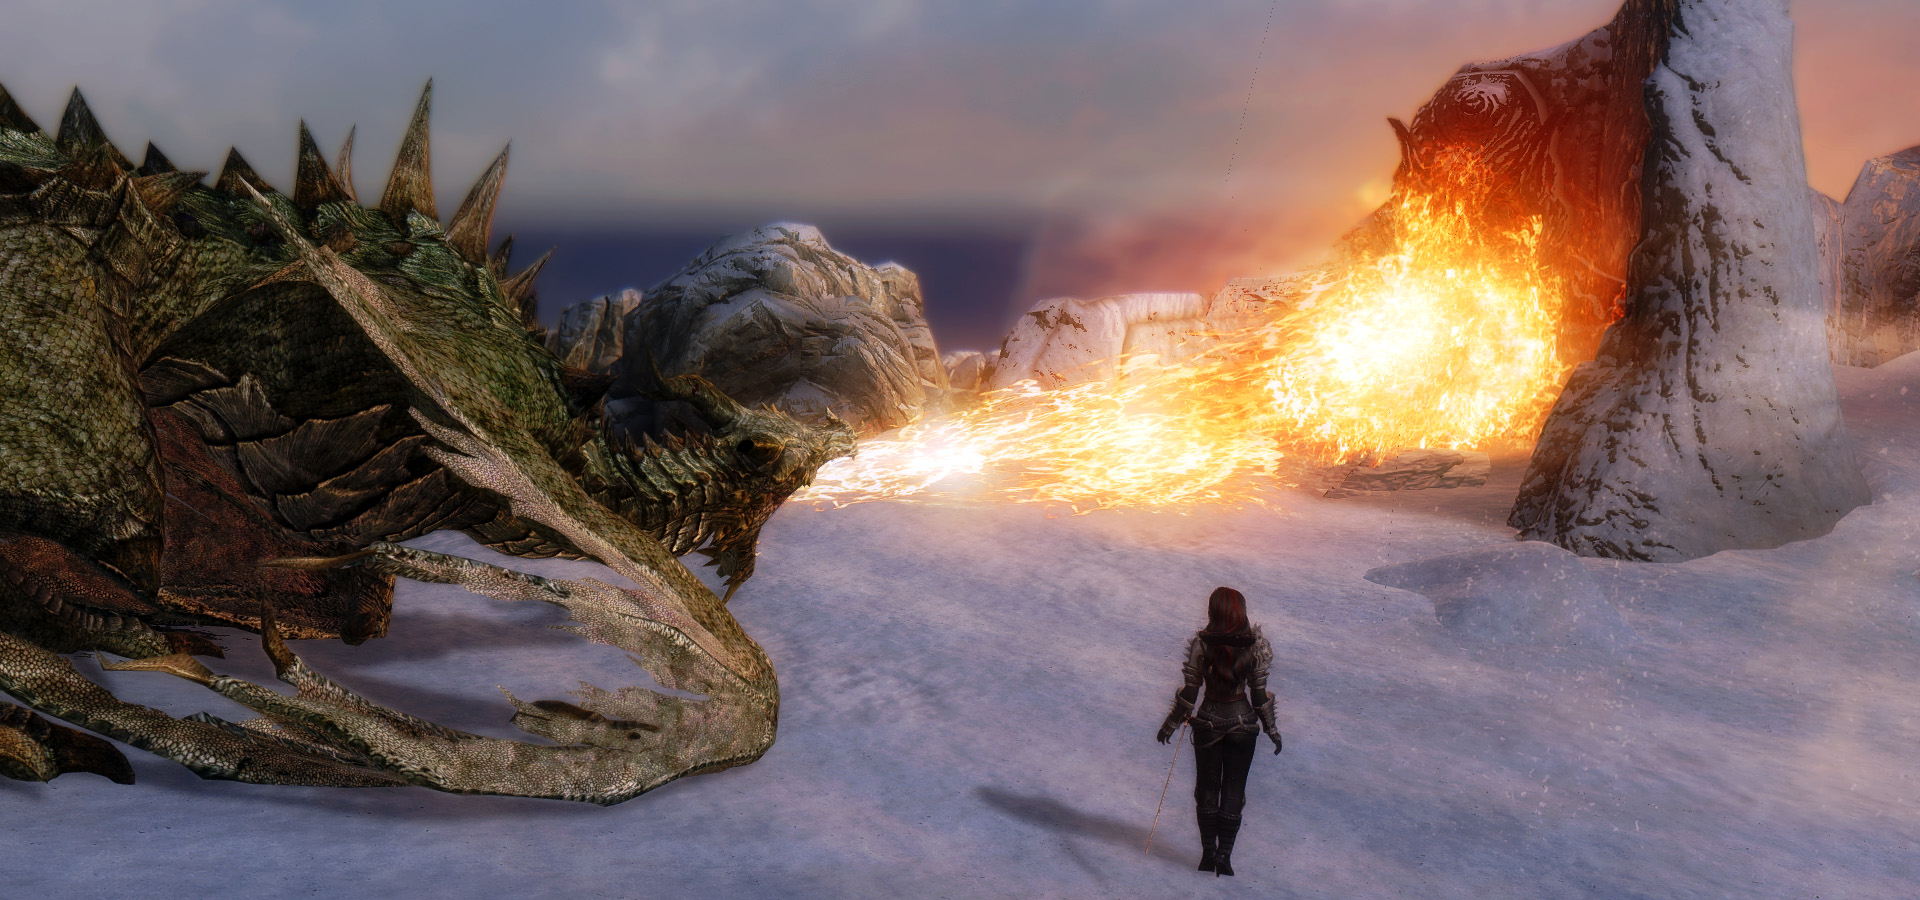 632. Огненное приветствие.jpg - Elder Scrolls 5: Skyrim, the CBBE, Сборка-21